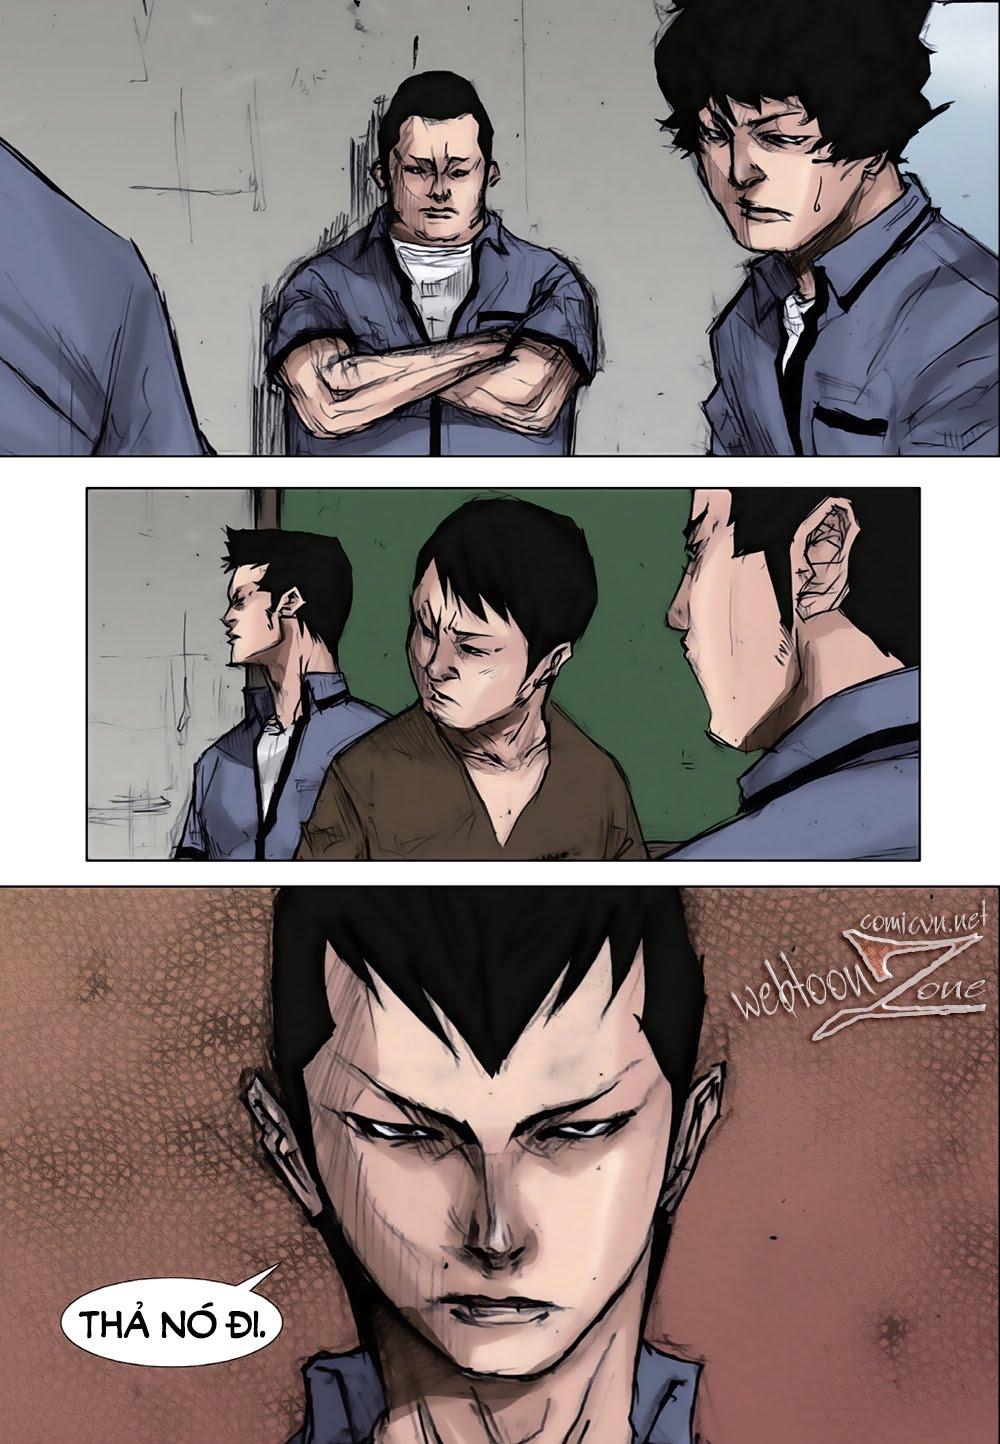 Tong phần 1-2 trang 38